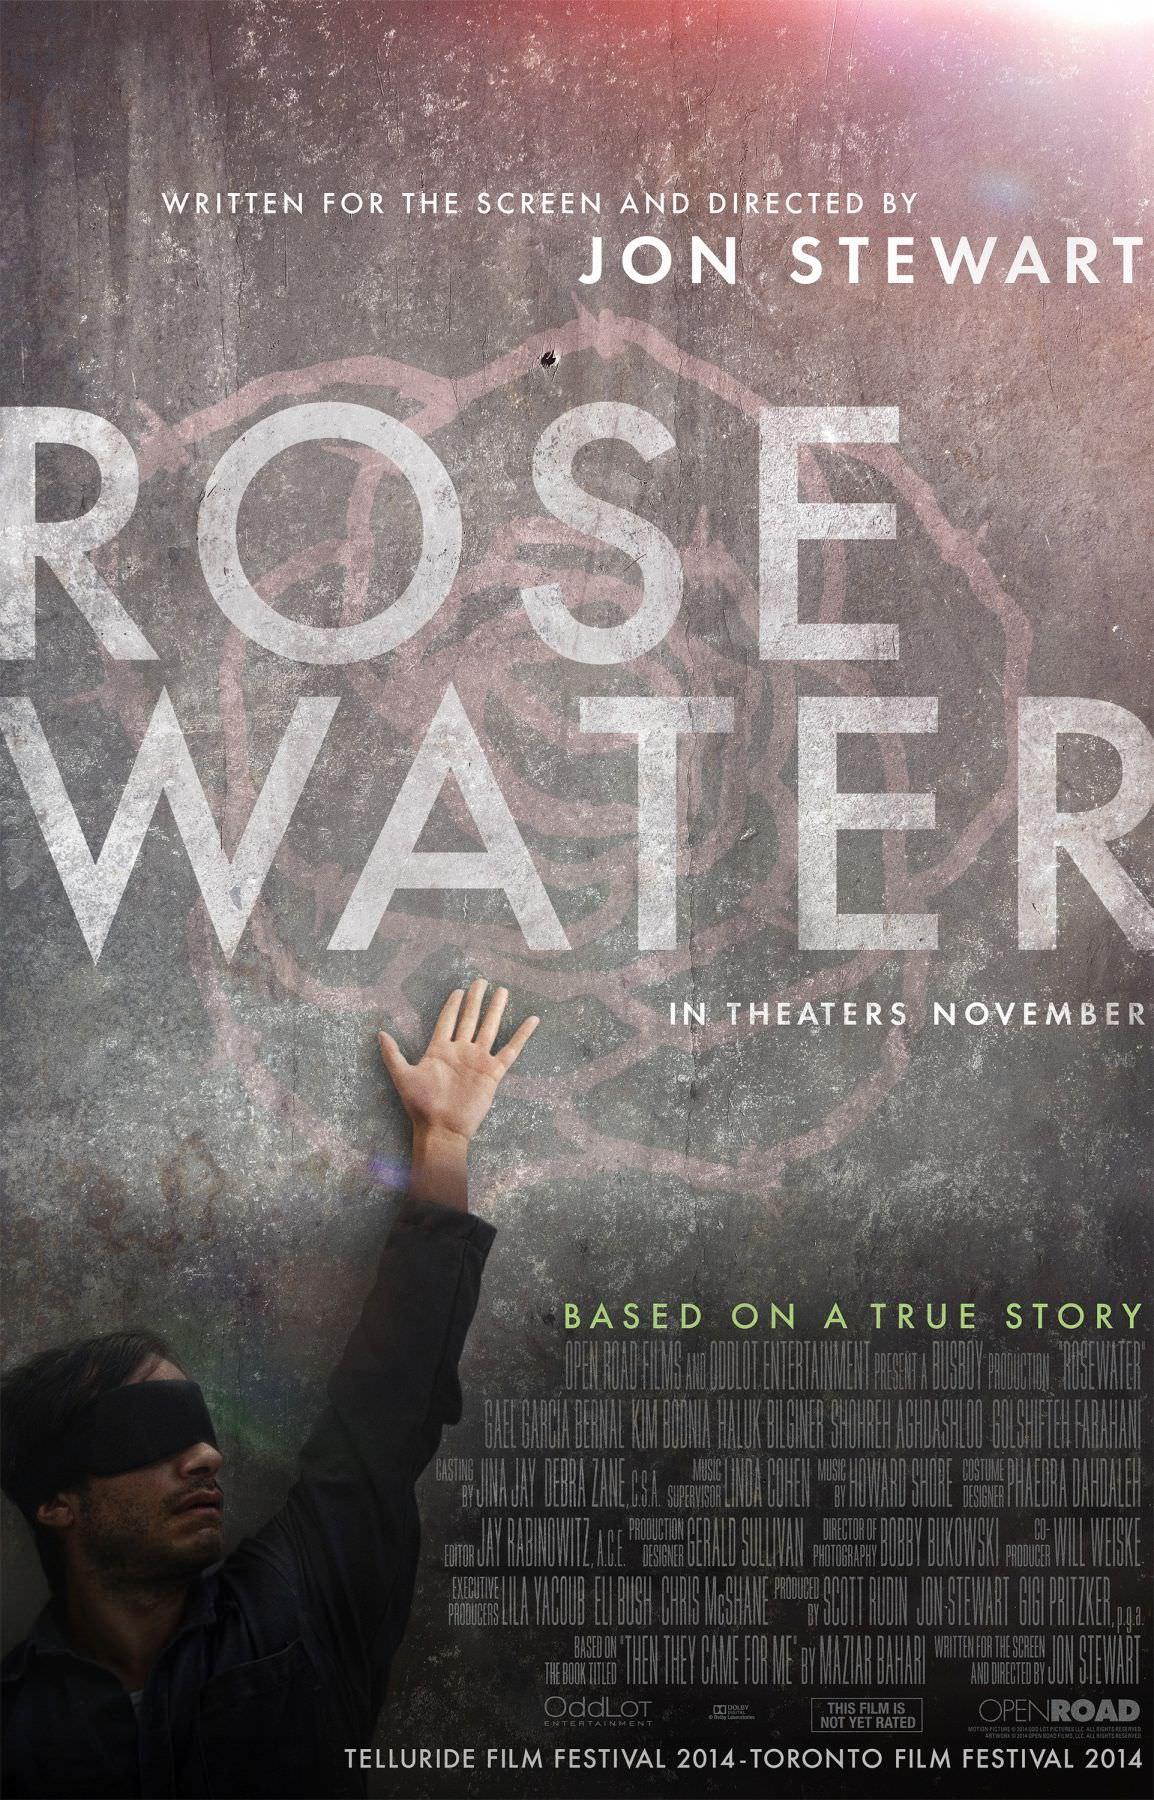 Rosewater de Stewart y bernal